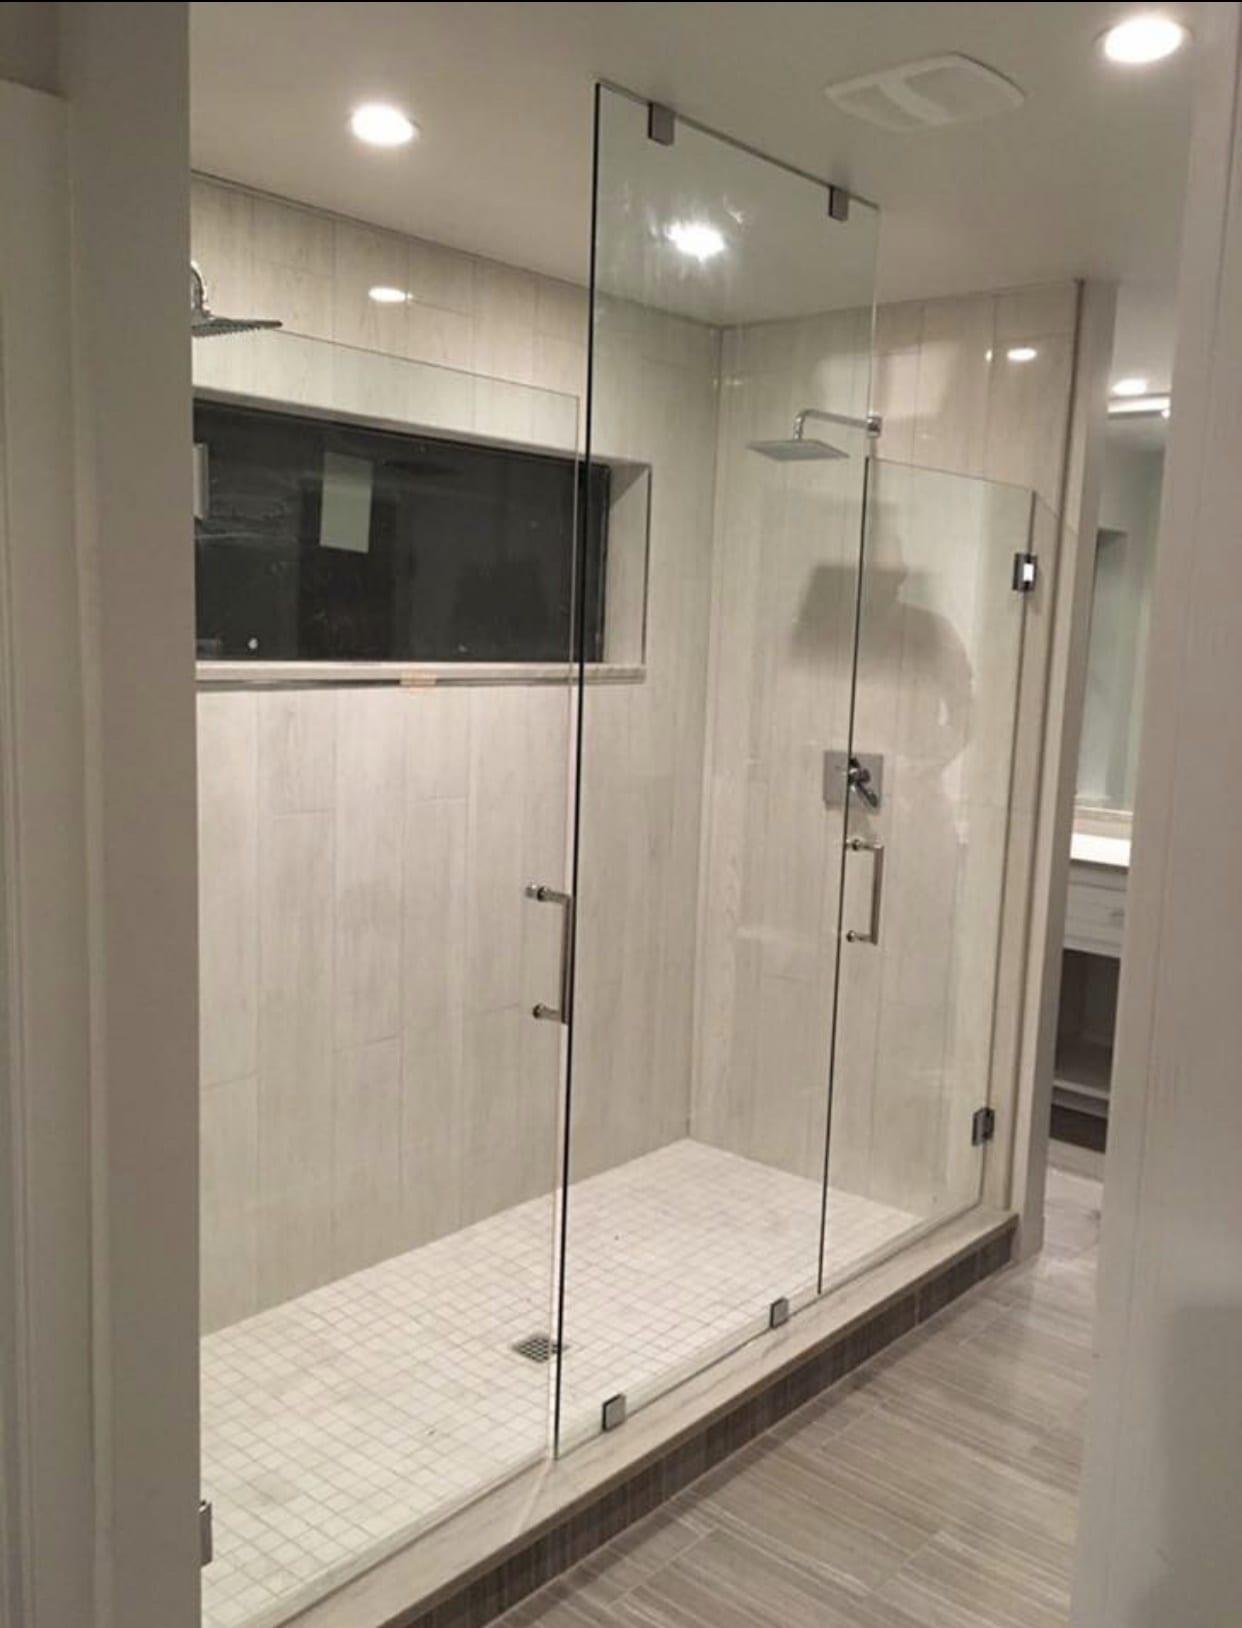 frameless shower doors img 2149 - Shower Doors of Nashville